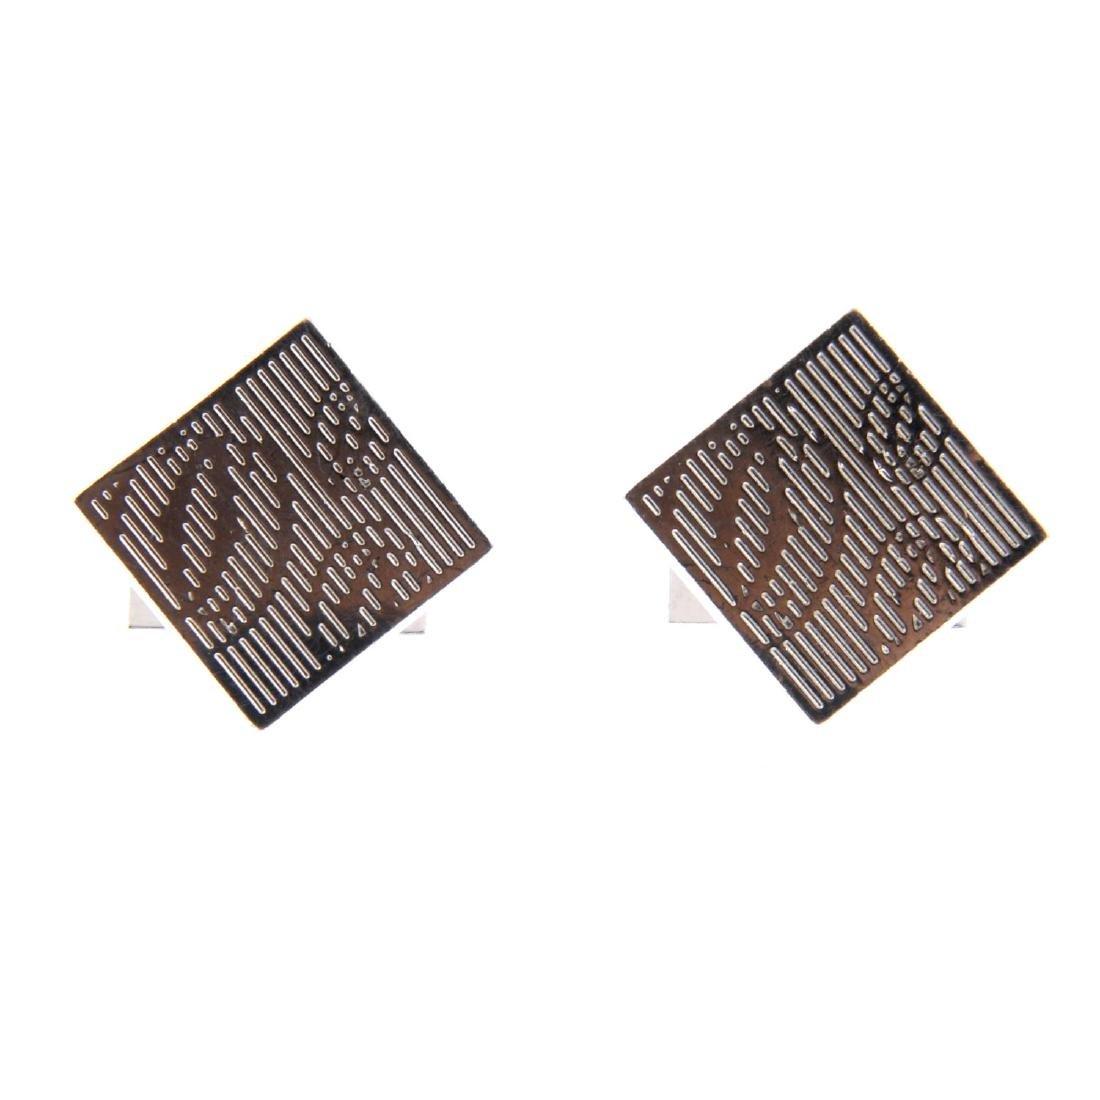 CARTIER - a pair of cufflinks. Each designed as a